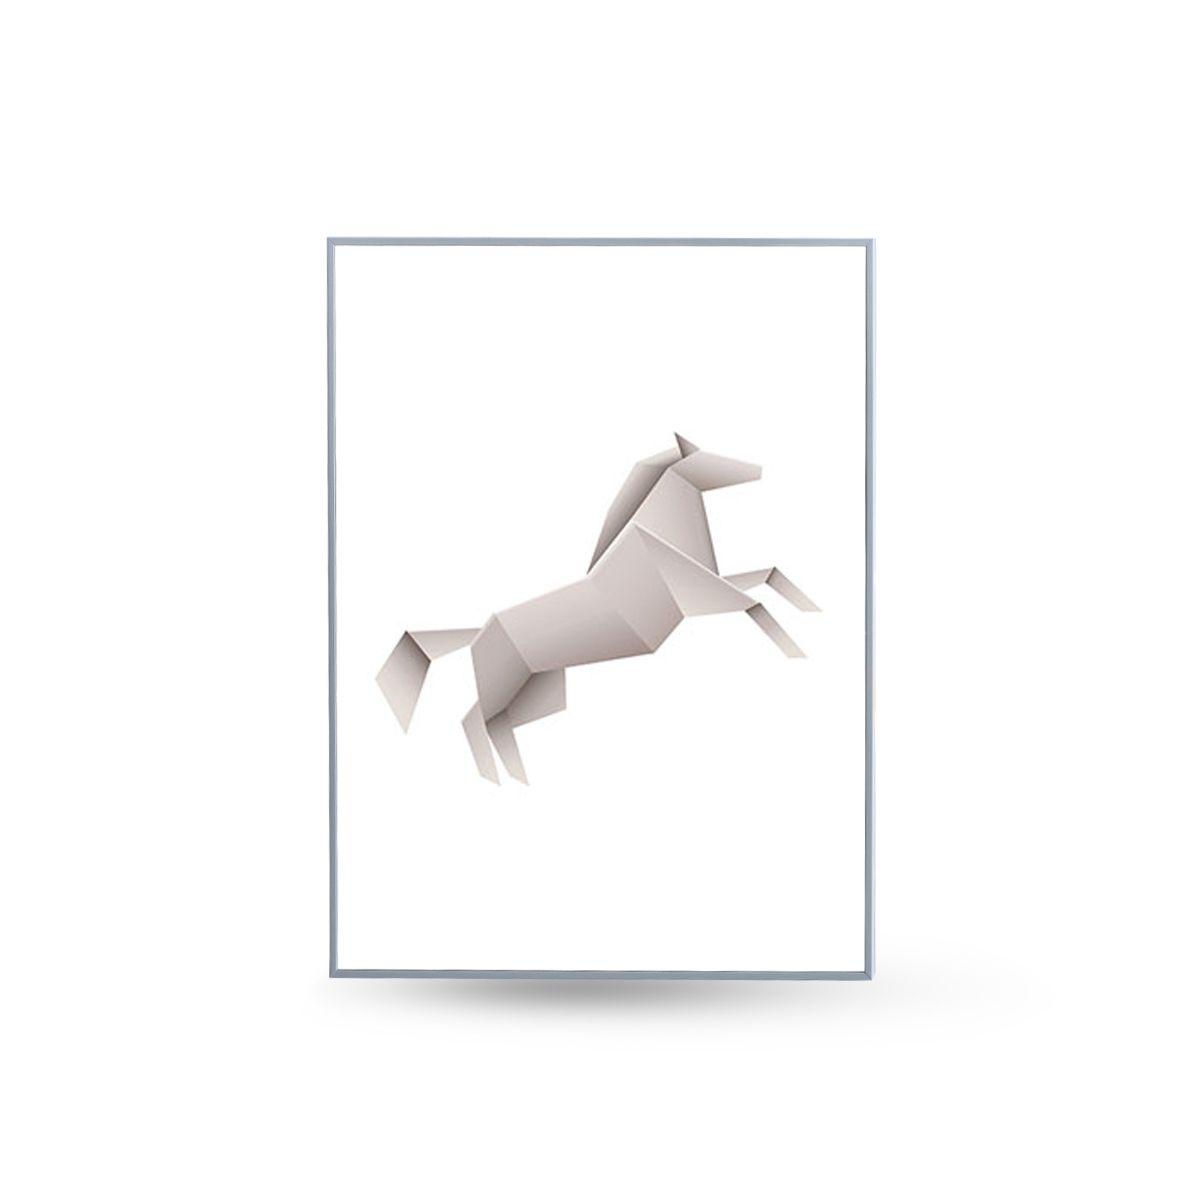 Quadro Decor Kit Coleção Animais Origami